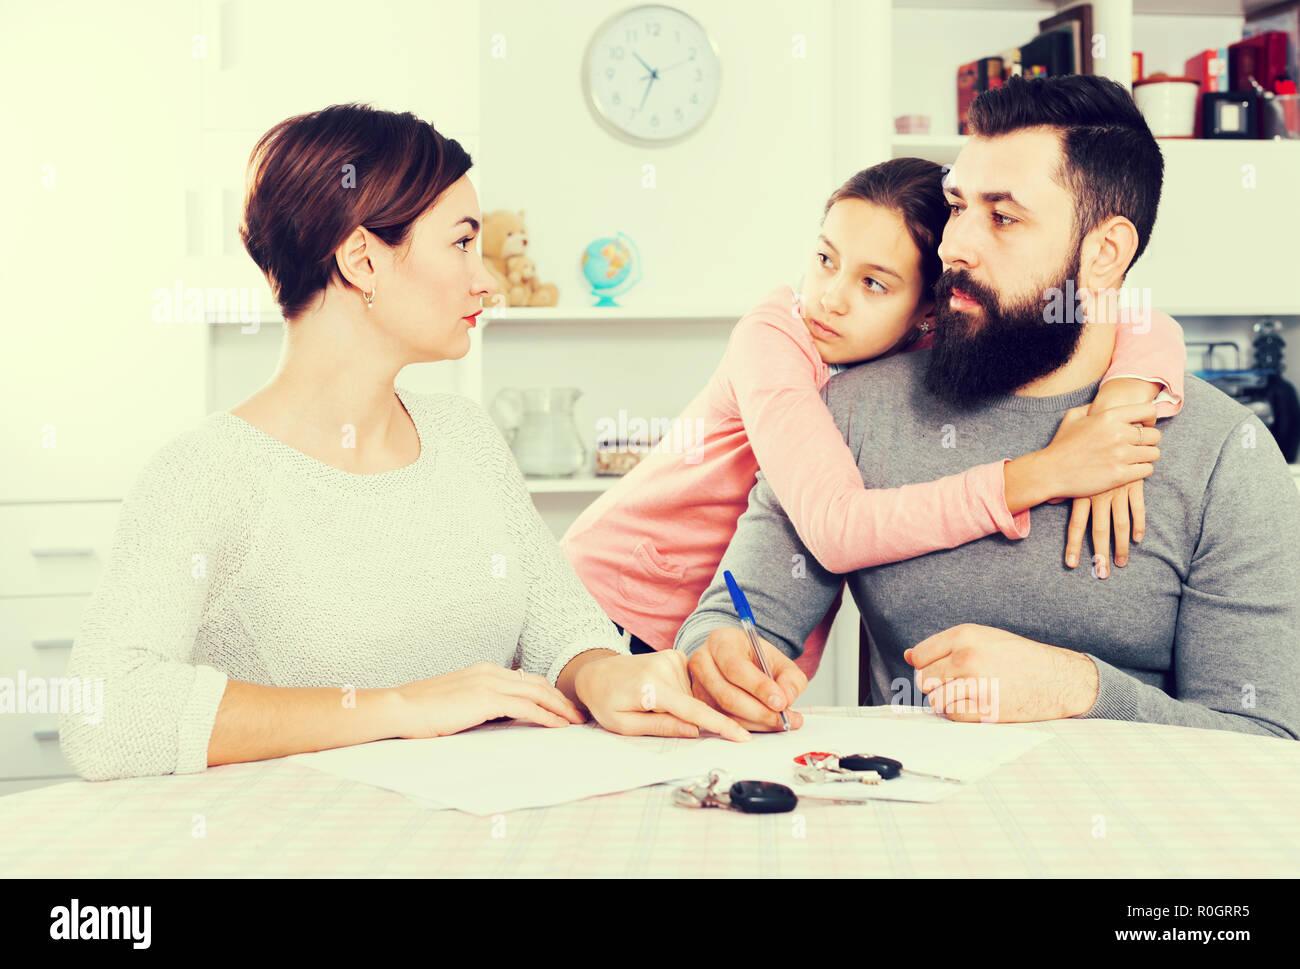 The CUSTOMER [.]. Scheidung einen Anwalt oder eine Anwältin beauftragen.